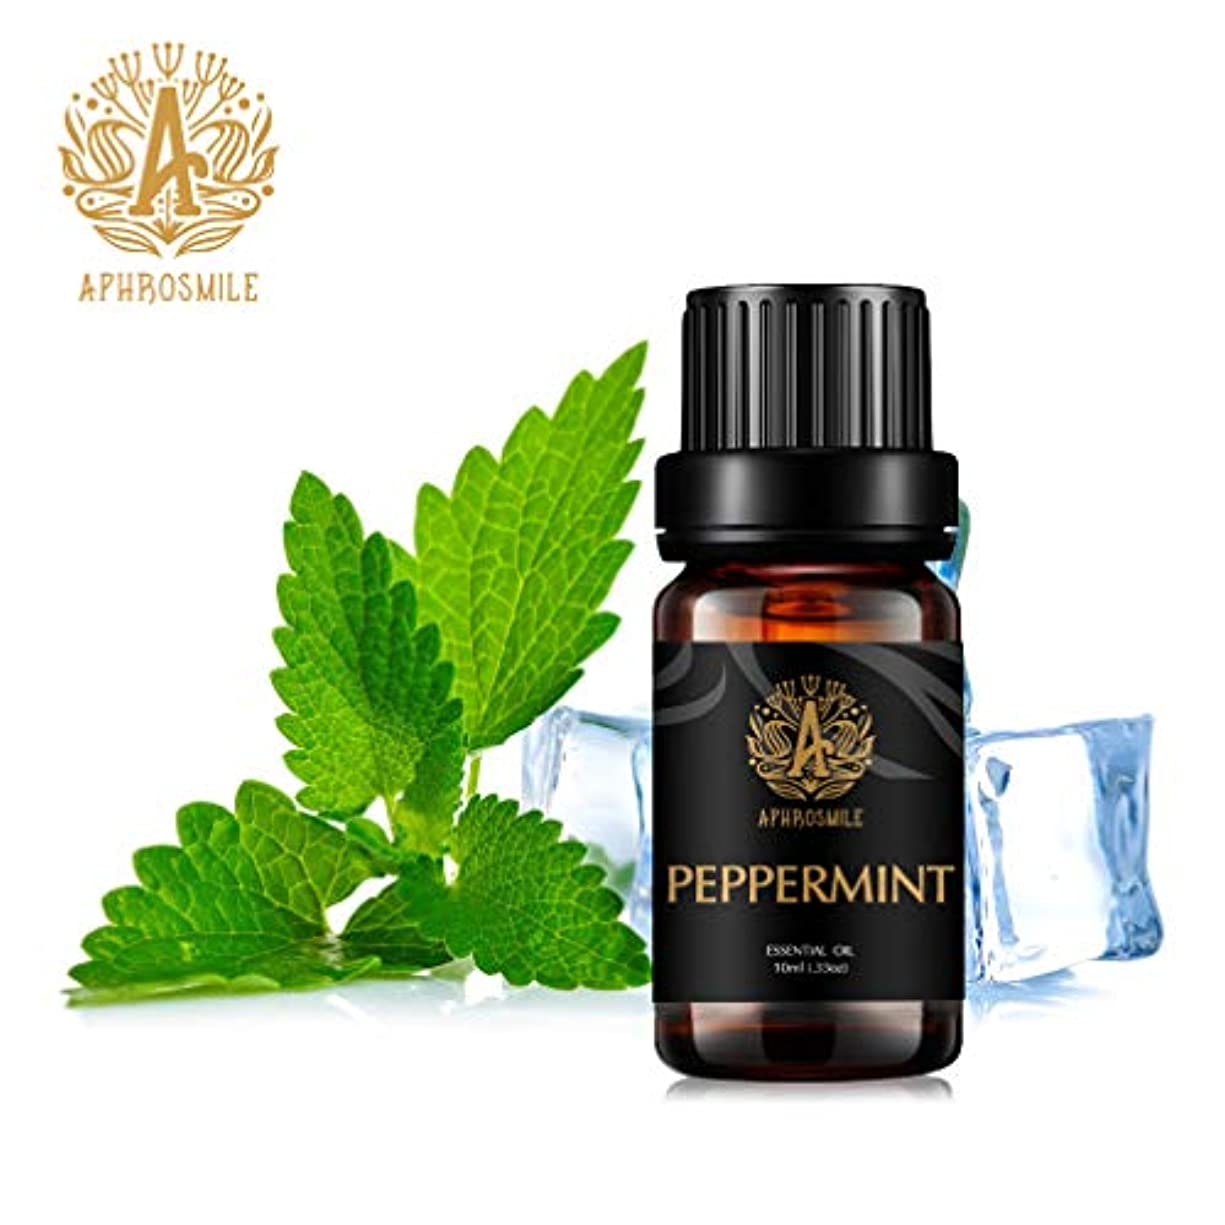 探検テープファイルペパーミントの精油、100%純粋なアロマセラピーエッセンシャルオイルペパーミントの香り、明確な思考と、治療用グレードエッセンシャルオイルペパーミントの香り為にディフューザー、マッサージ、加湿器、デイリーケア、0.33オンス-10ml